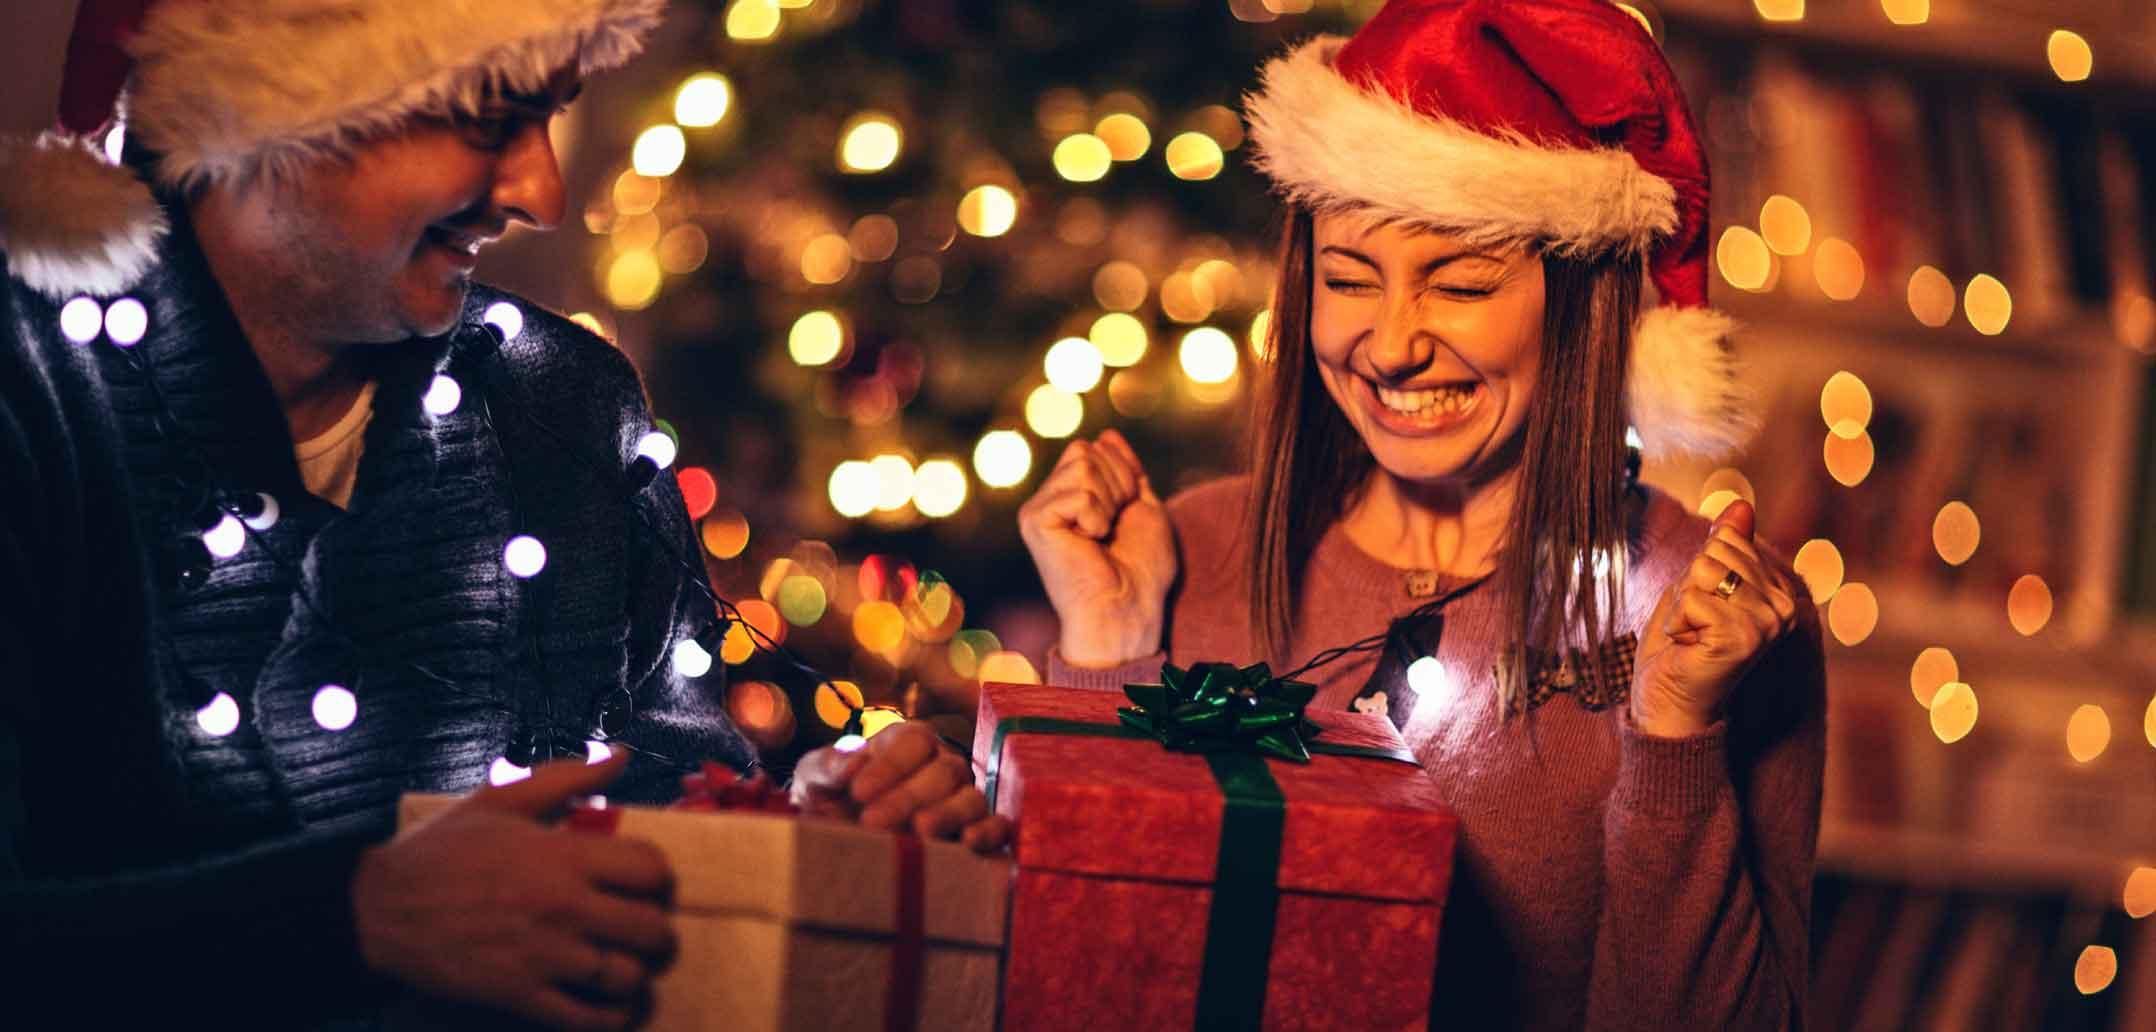 6 schreckliche weihnachtsgeschenke beziehungsweise